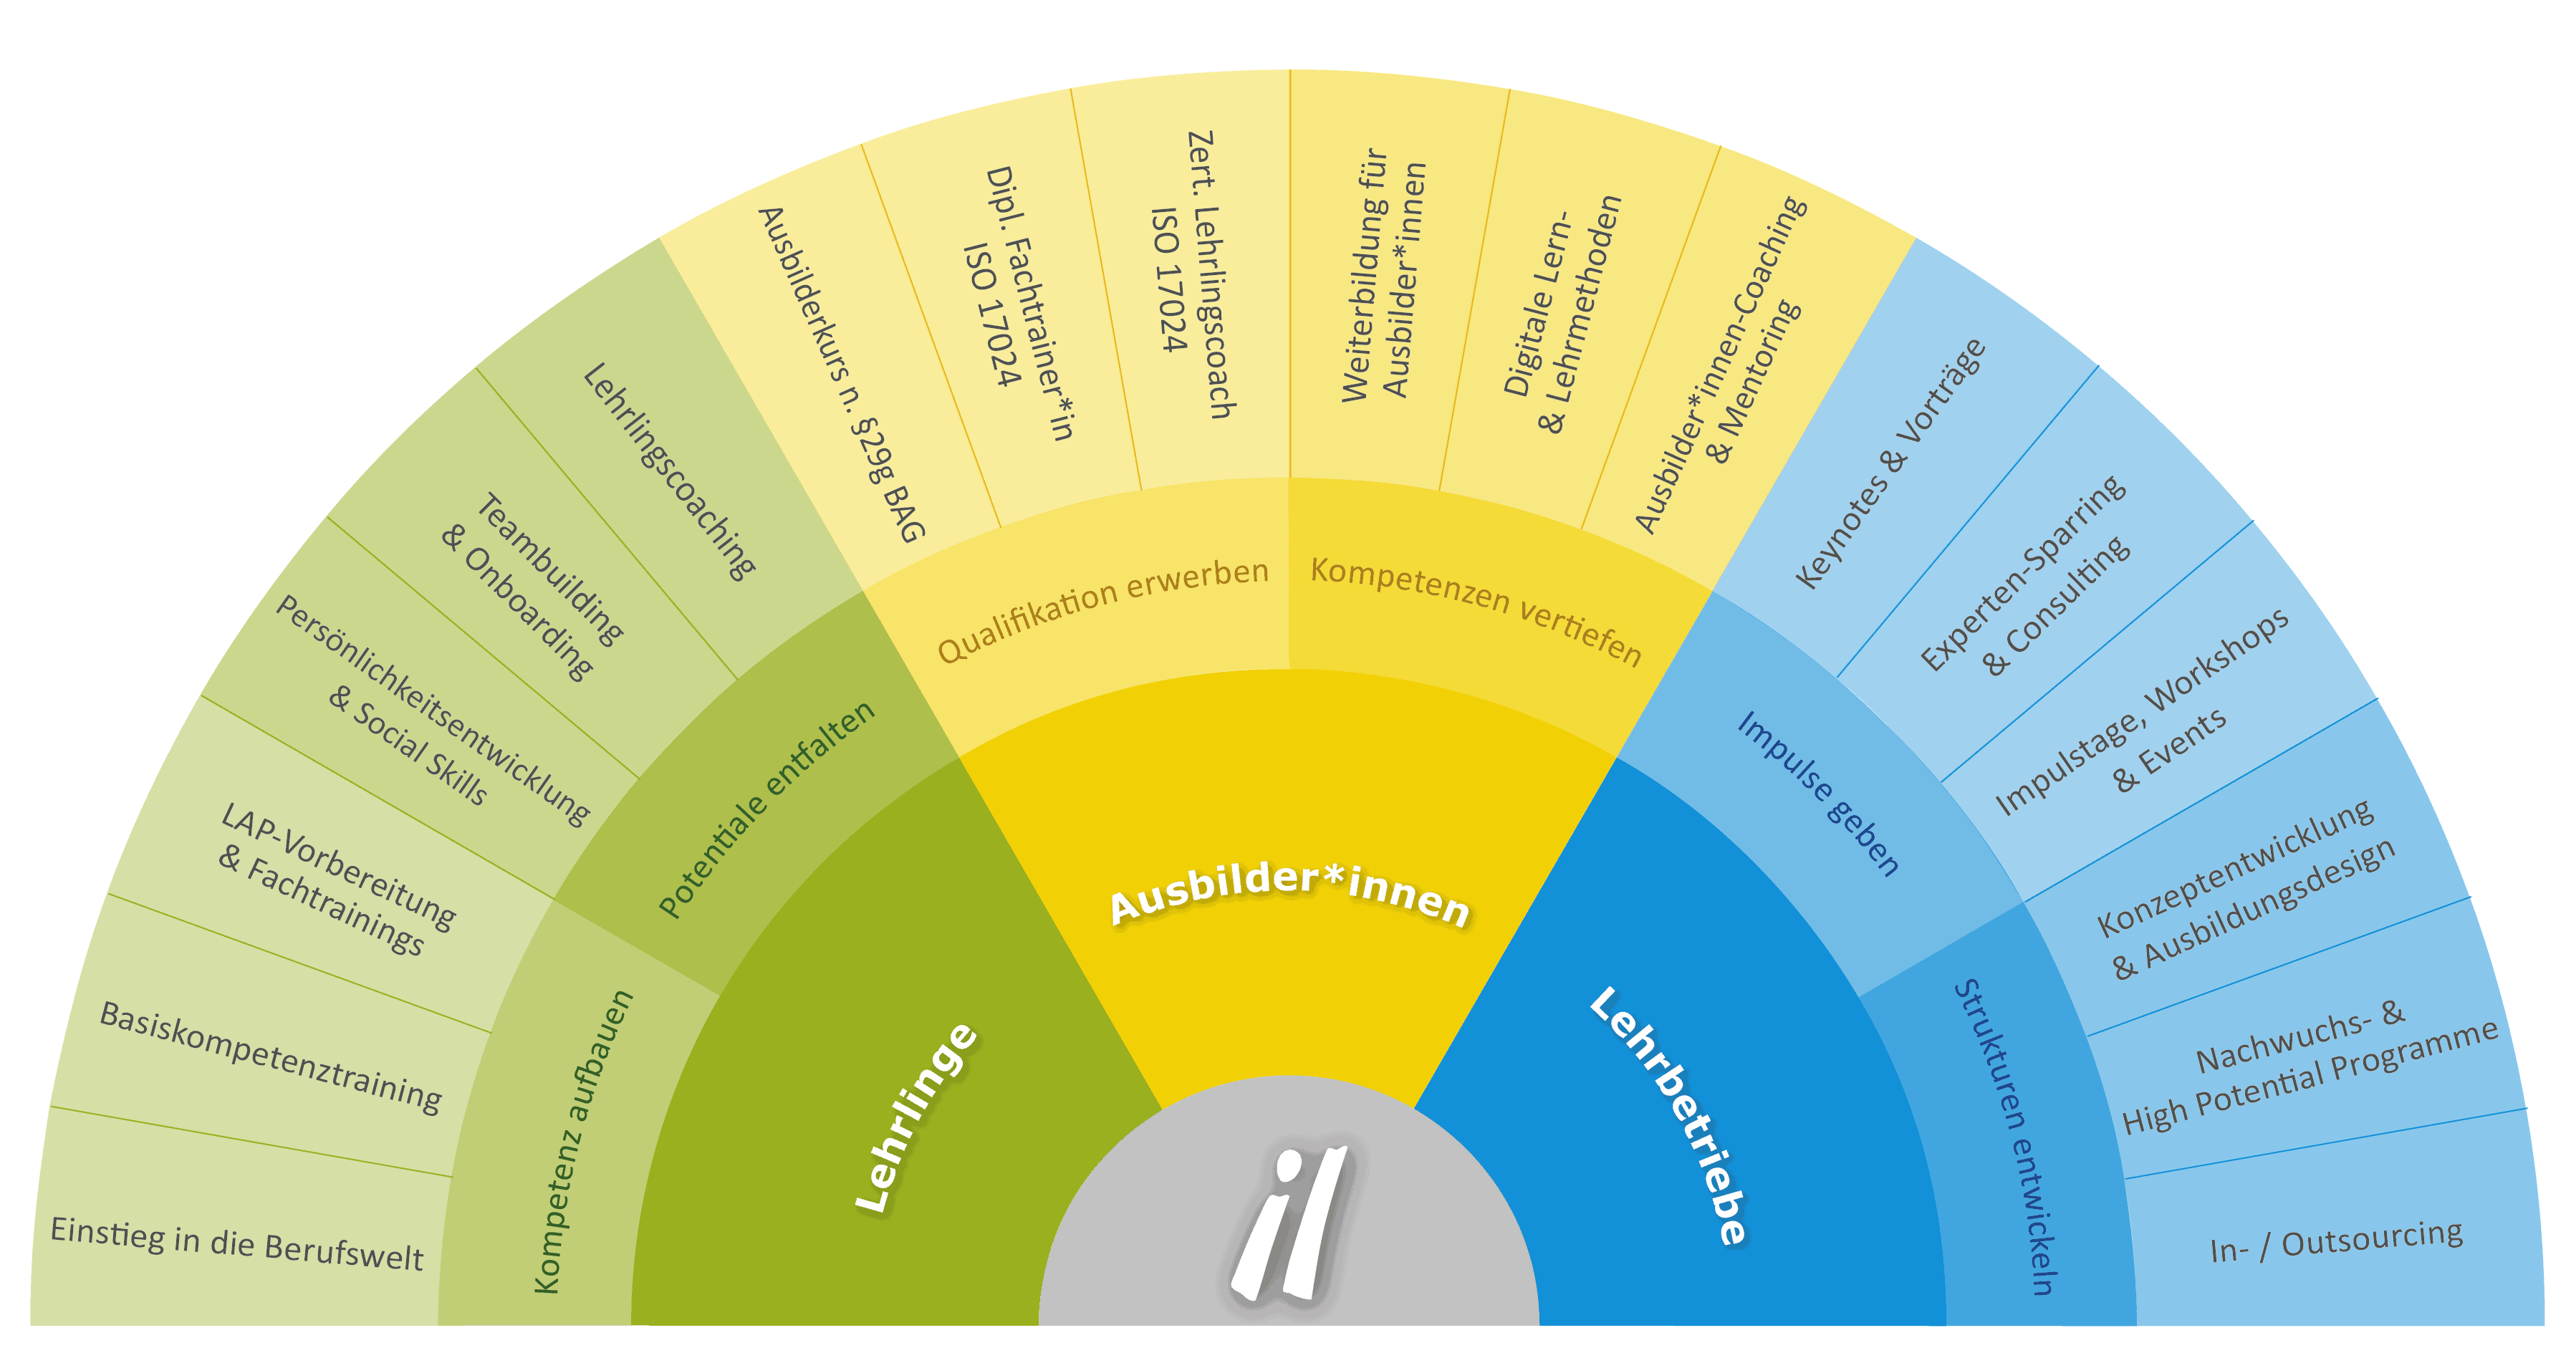 Unsere Systemloesung fuer Lehrlinge, Ausbilder*innen und Lehrbetriebe